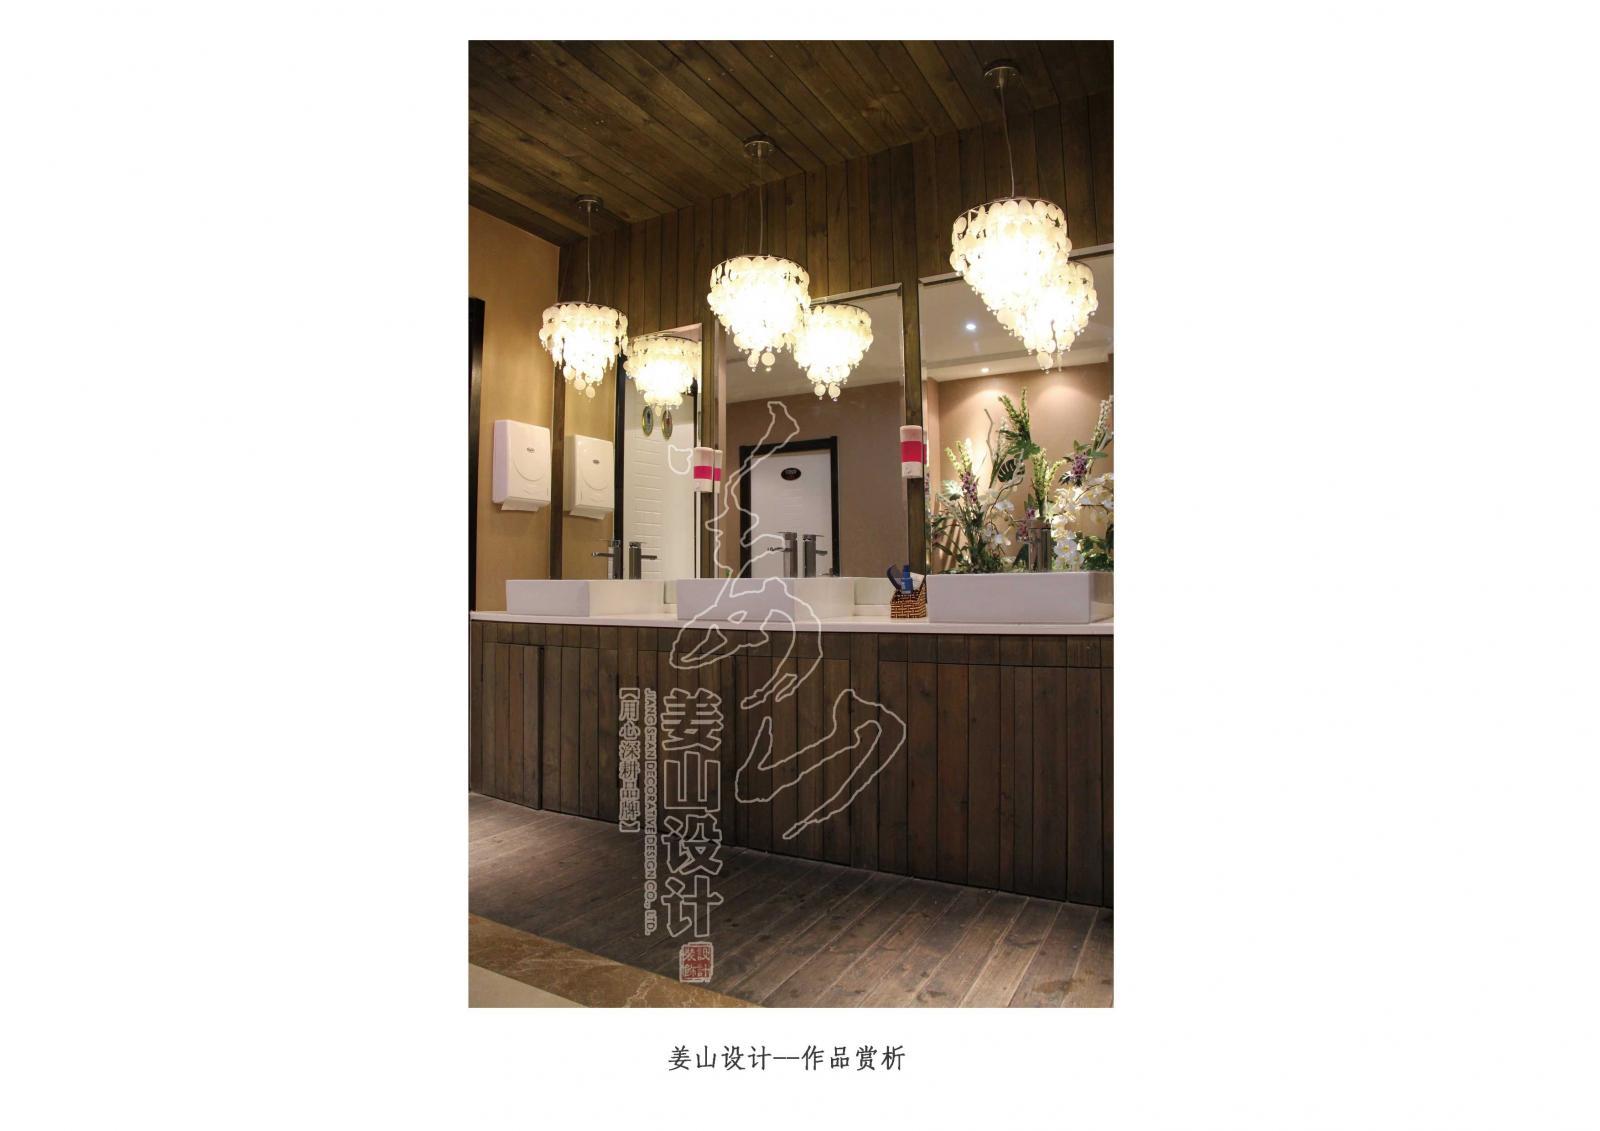 【步云堂足疗会馆】